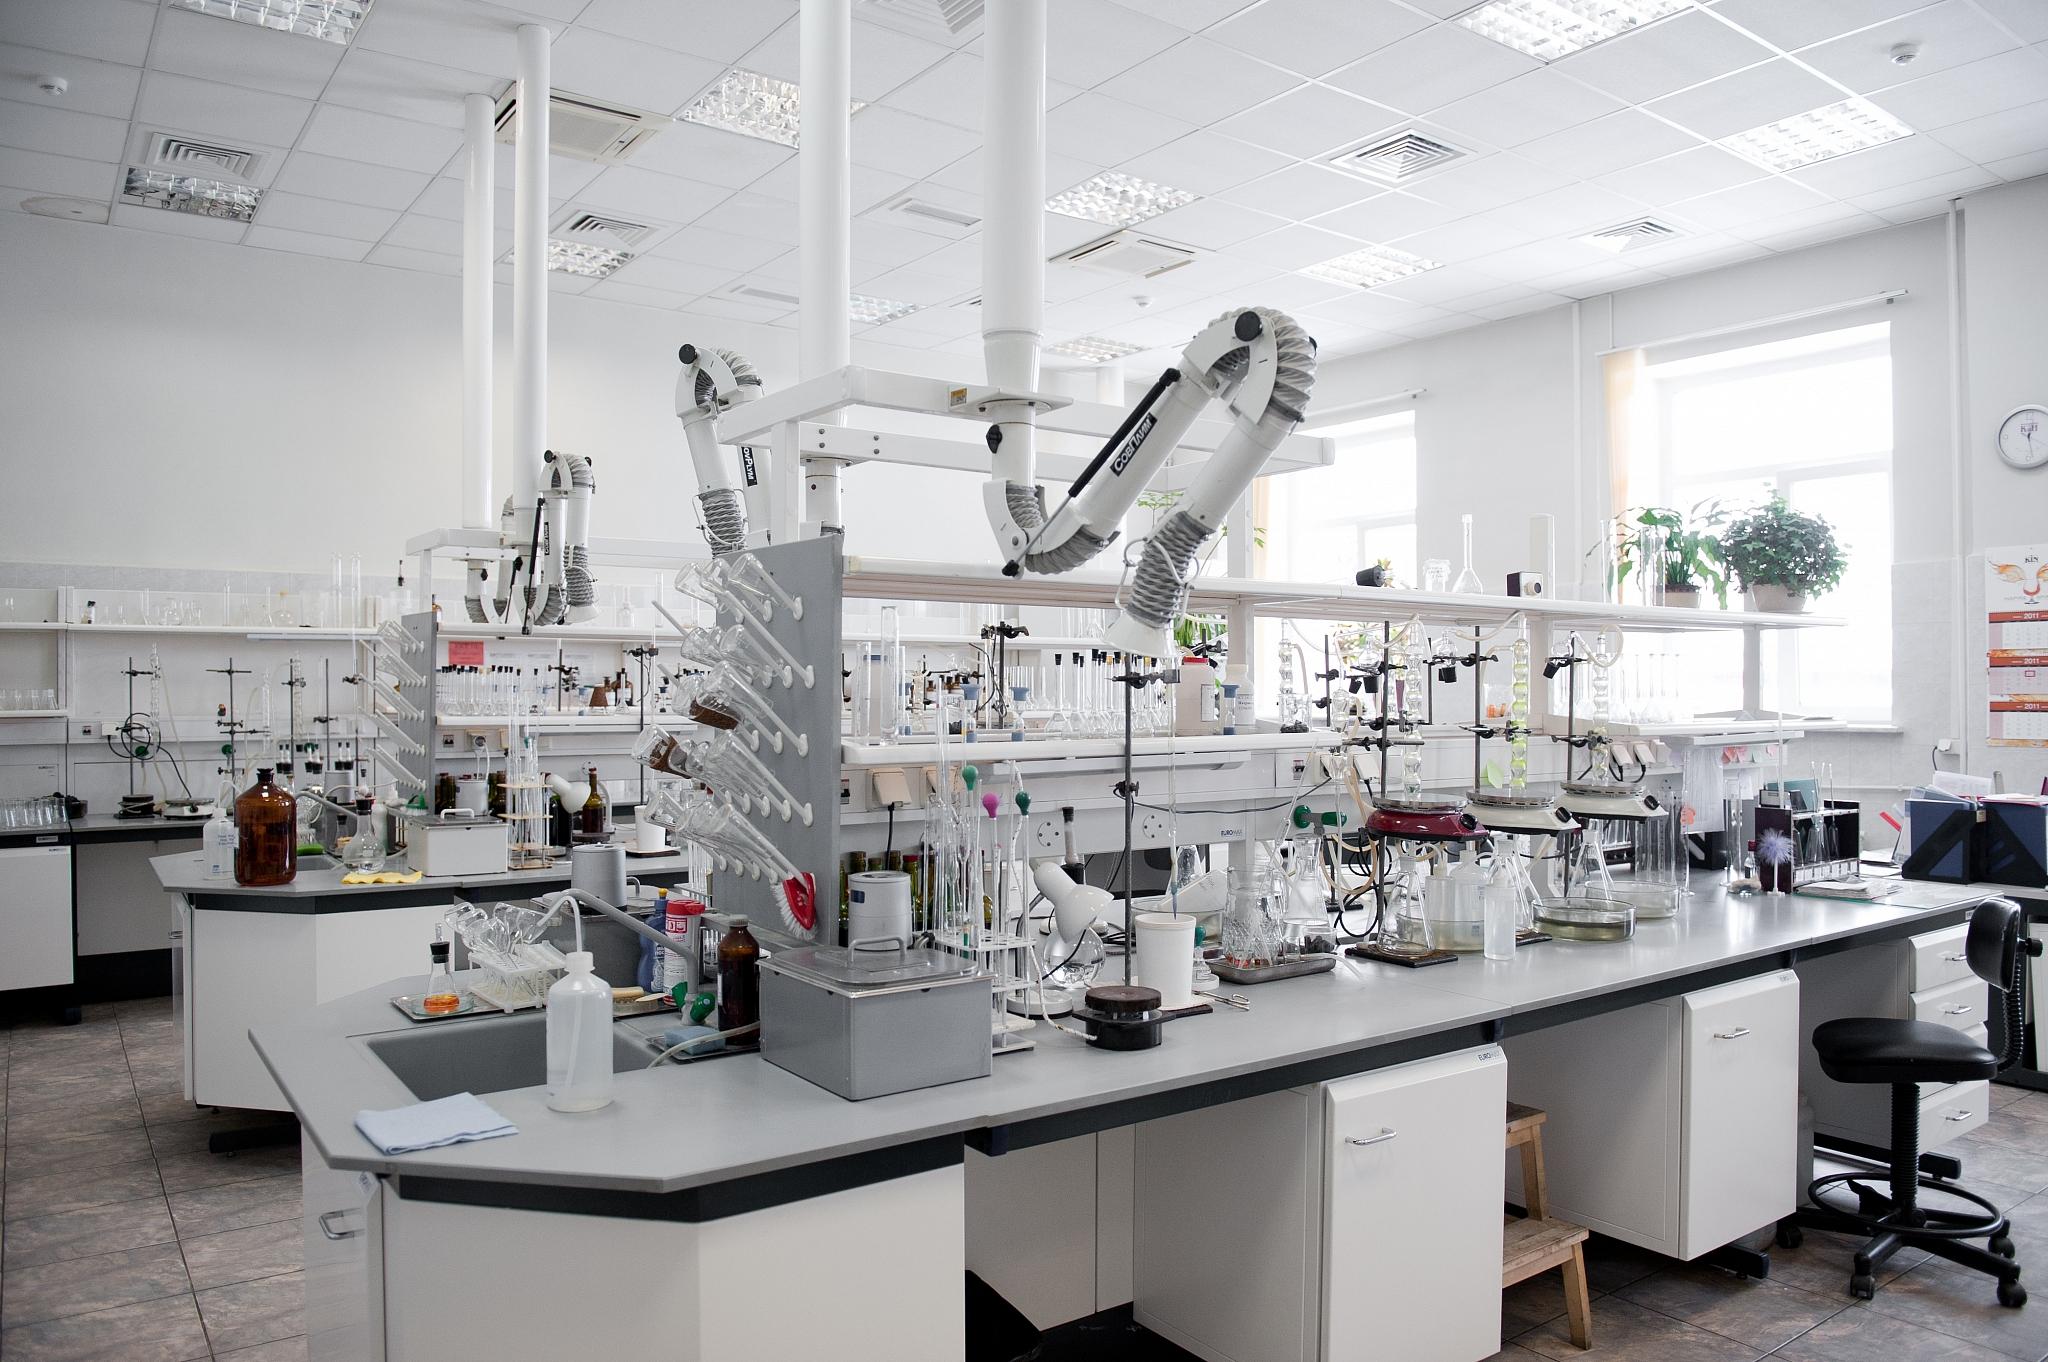 Комплексная и детально проведенная аккредитация лабораторий, с получением разрешения на проведение опытов